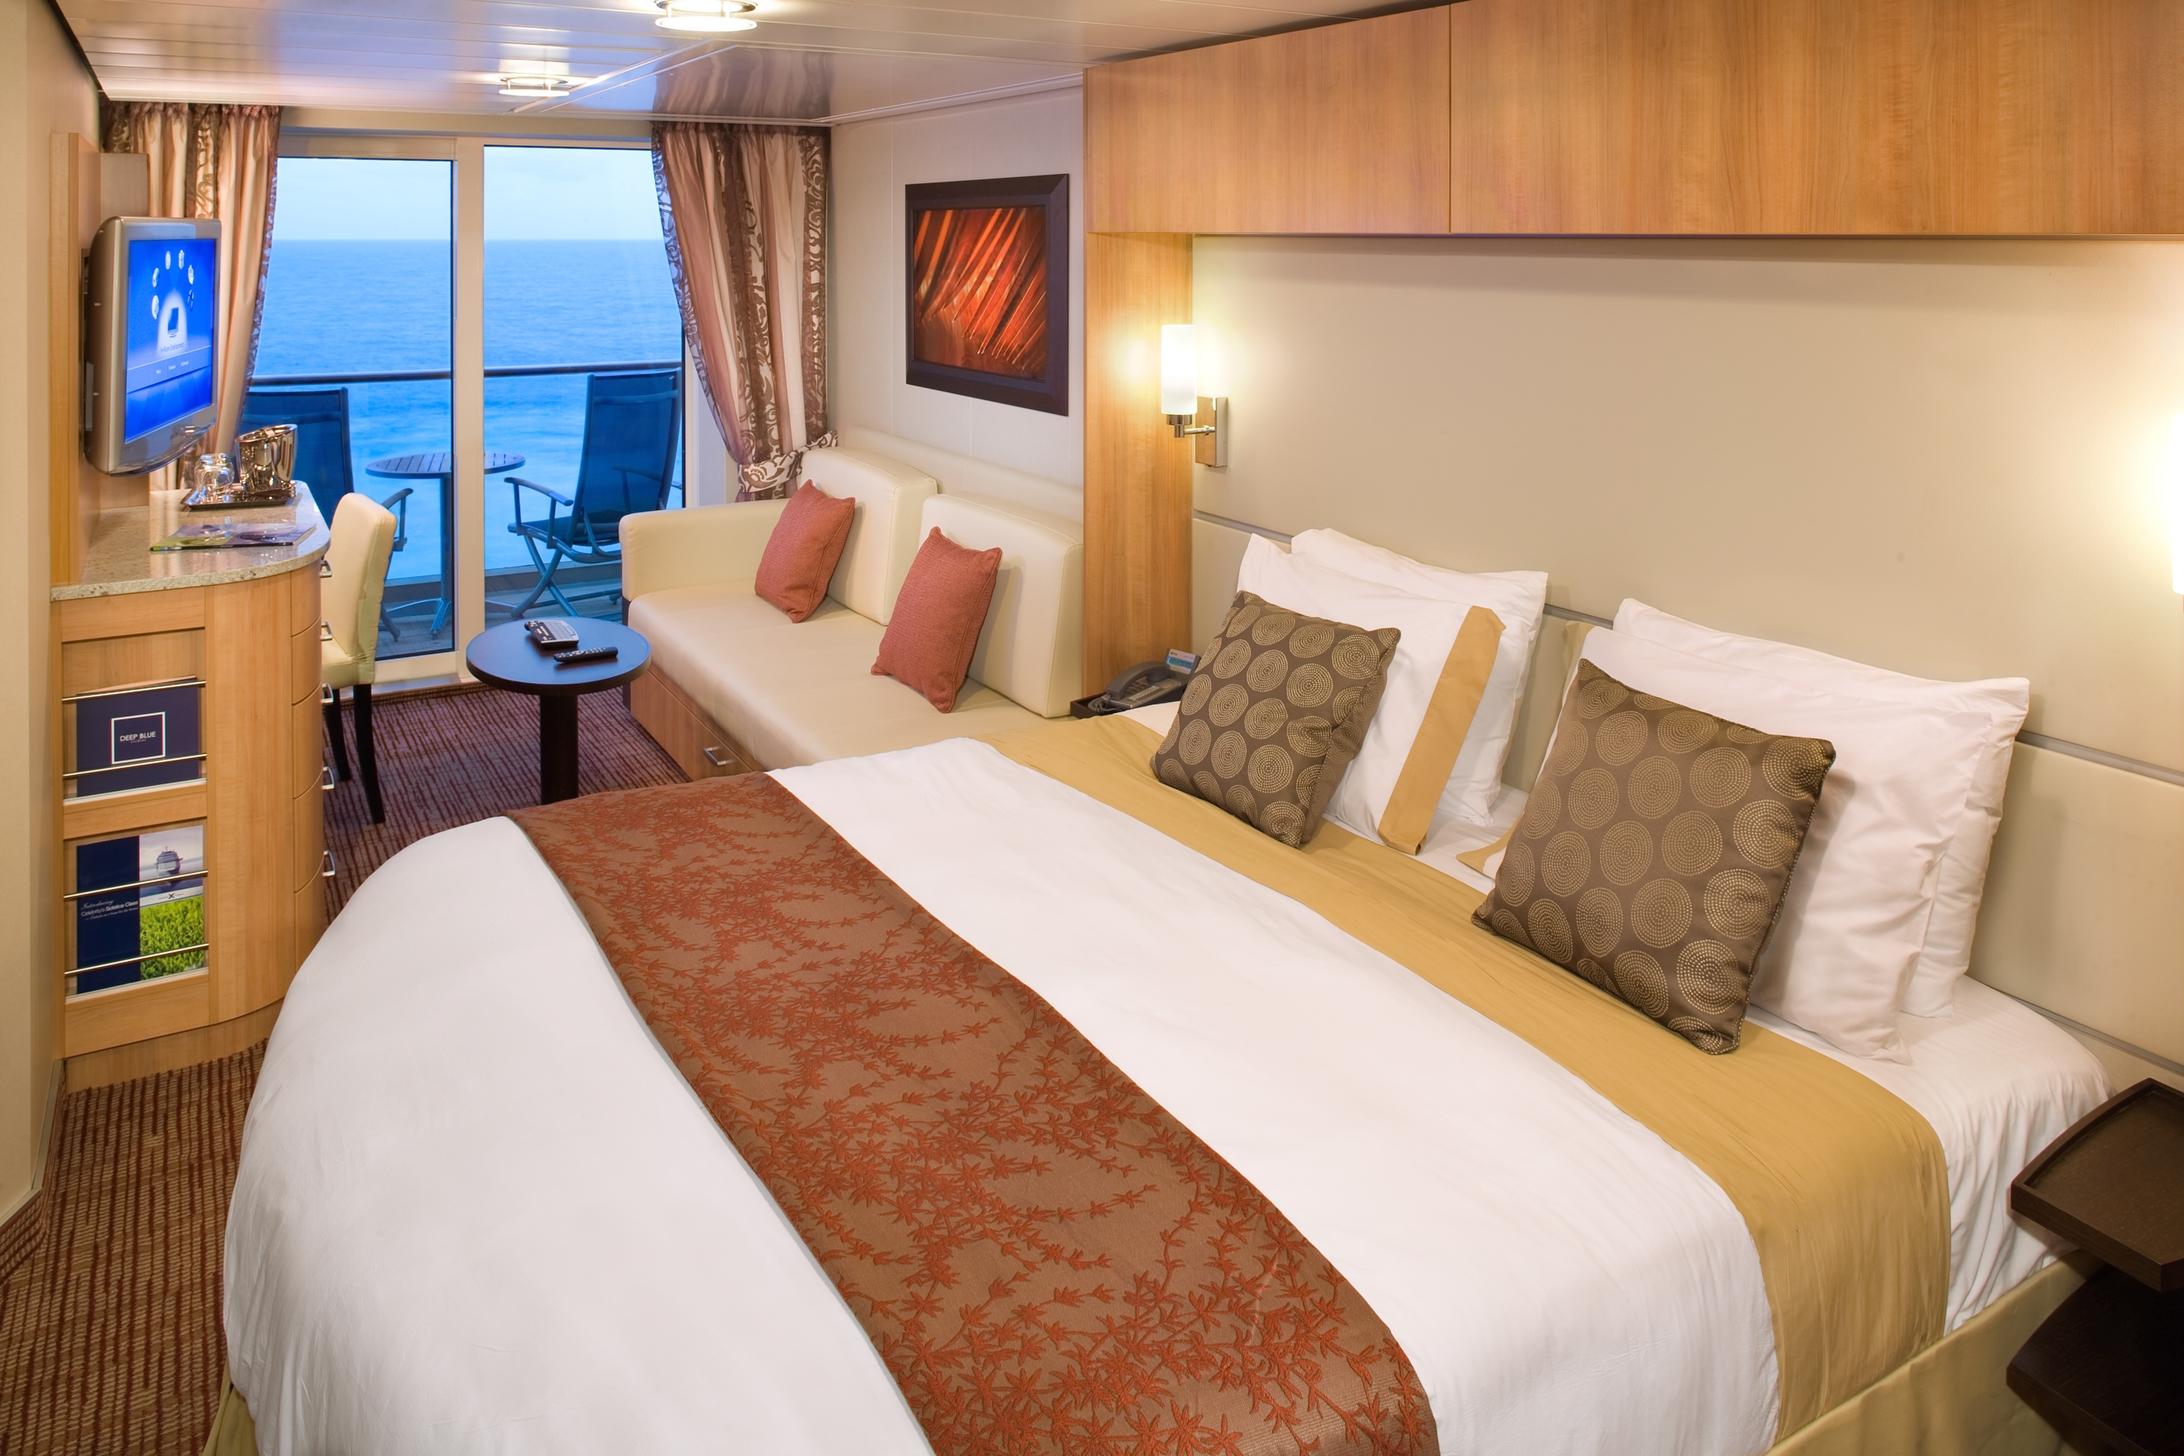 BALKONKABINE DU/WC   Großzügig gestaltete Räume, drinnen sowie draußen, machen deine Kabine zu deinem privaten Heiligtum. Entspanne dich in einem geräumigen Wohnzimmer und genieße die vielen Annehmlichkeiten, die zu einer einzigartigen Erfahrung des modernen Luxus beiträgt.  Kabine 18m2 & Balkon 5m2  Alle Kabinen mit Balkon an Bord von Celebrity Cruises beinhalten die folgenden erstklassigen Annehmlichkeiten:    - Privater Balkon  - 24 Stunden Zimmerservice  - Minibar  - Personalisierter Service  - Personalisierte Hygieneprodukte  - Privater Safe  - Zimmerservice zwei Mal am Tag  - Celebrity eXhale™ Bettwäsche  - Interaktiver Samsung Fernseher mit Flachbildschirm